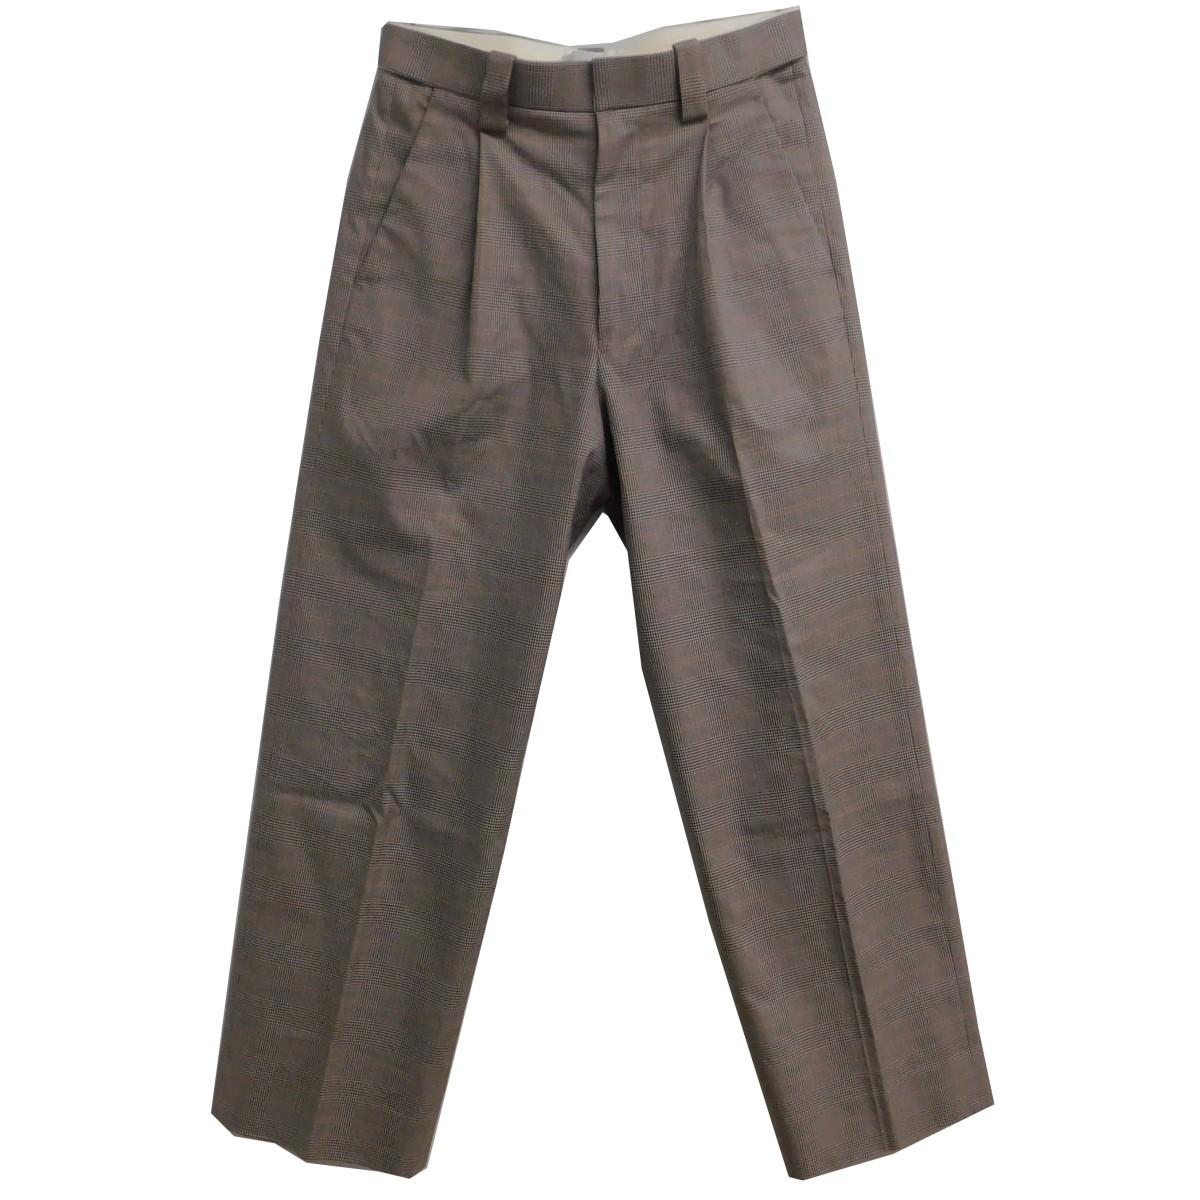 【中古】YOKE 2020SS 1TUCK EASY TAPERED PANTS グレー×レッド サイズ:S 【210620】(ヨーク)